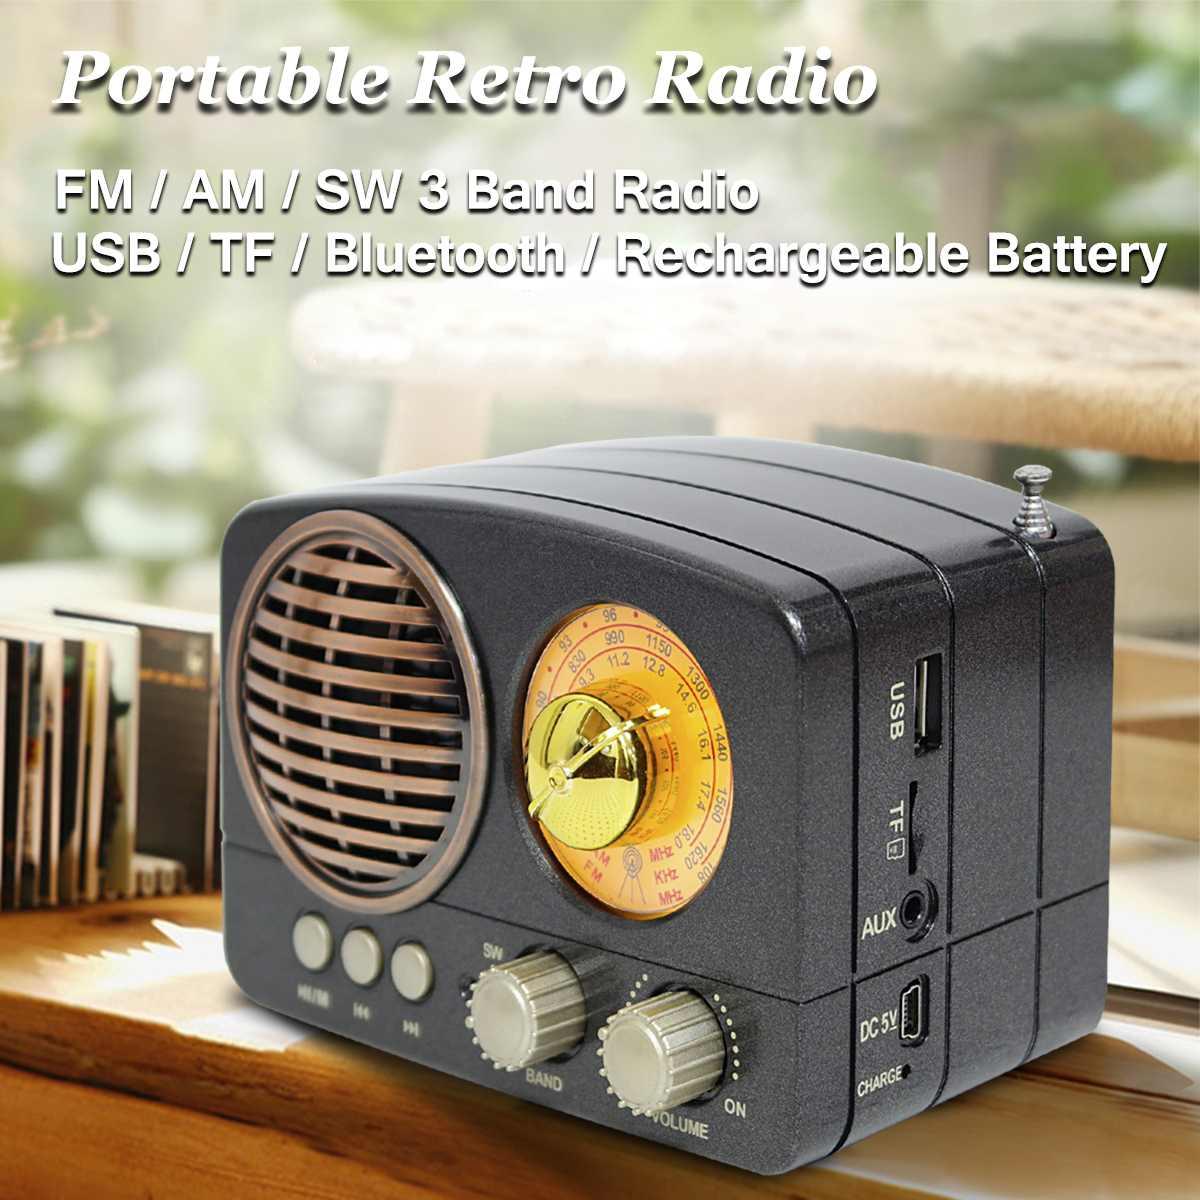 MIni Tragbare Retro Radio Handheld Empfänger AM FM SW + bluetooth Lautsprecher AUX USB TF MP3 Telefon Musik Player Wiederaufladbare radio